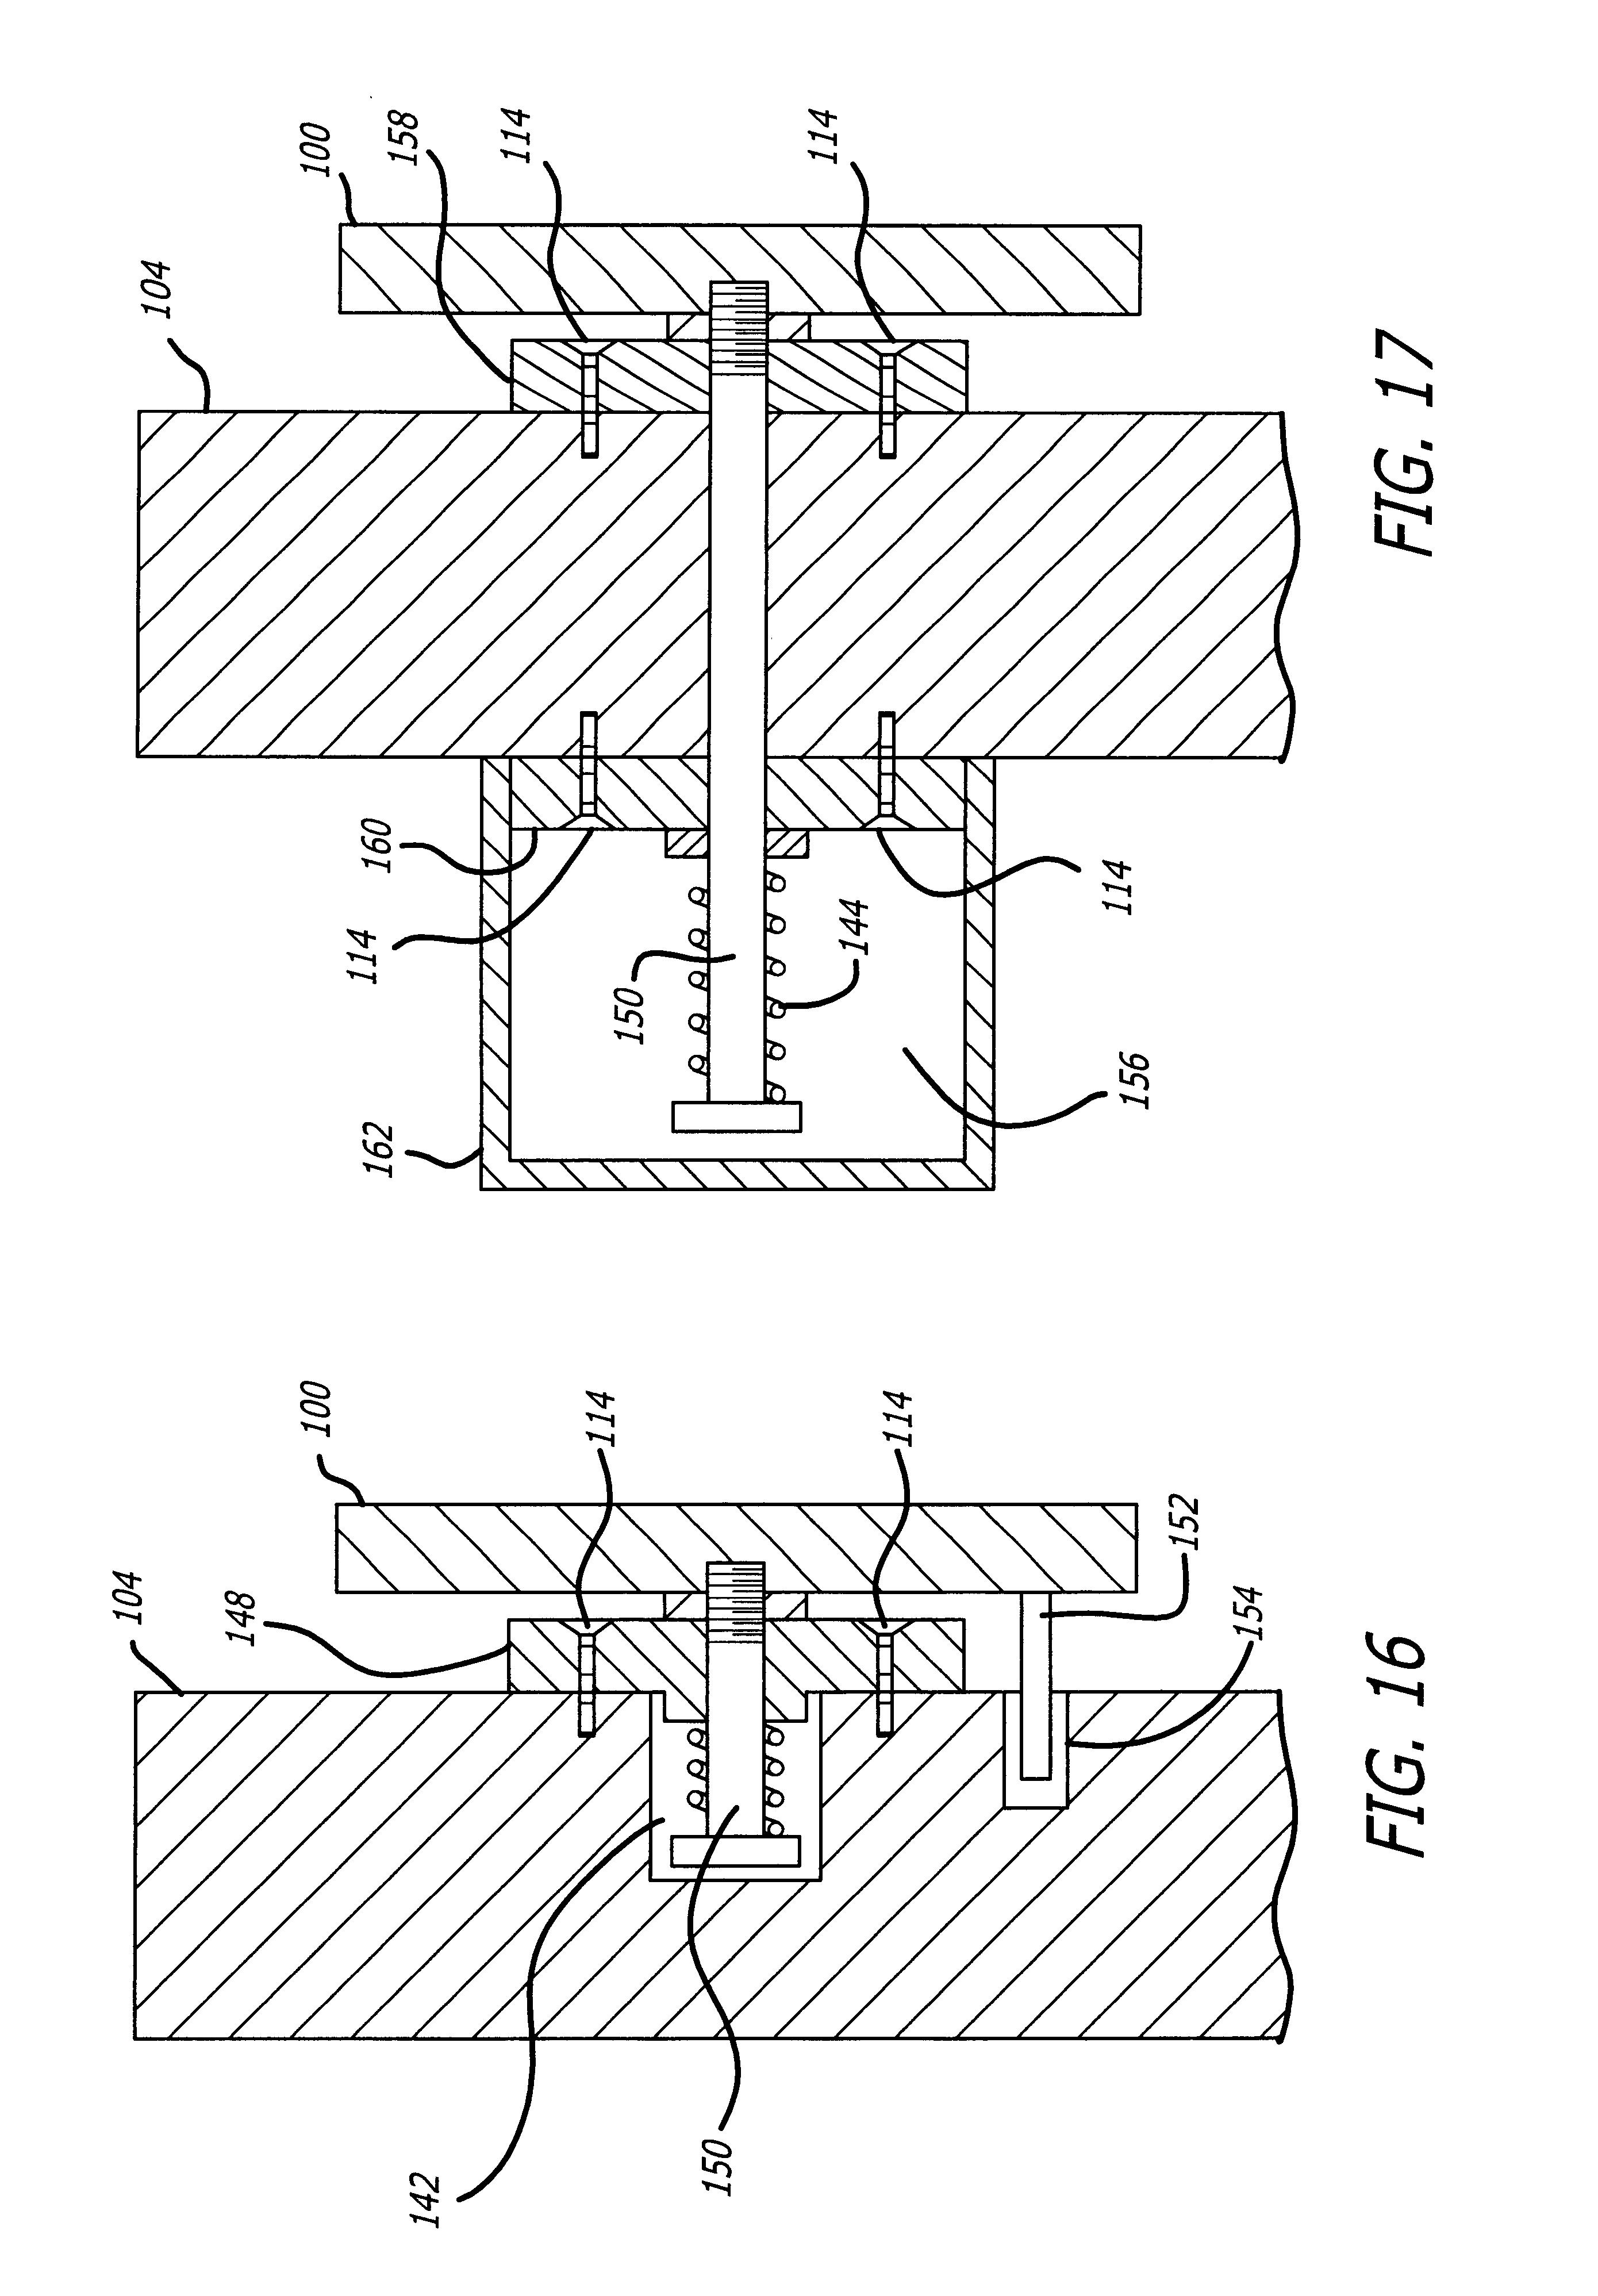 System Sensor Tamper Switch Wiring Diagram And Engine Eol Resistor Sprinkler Flow